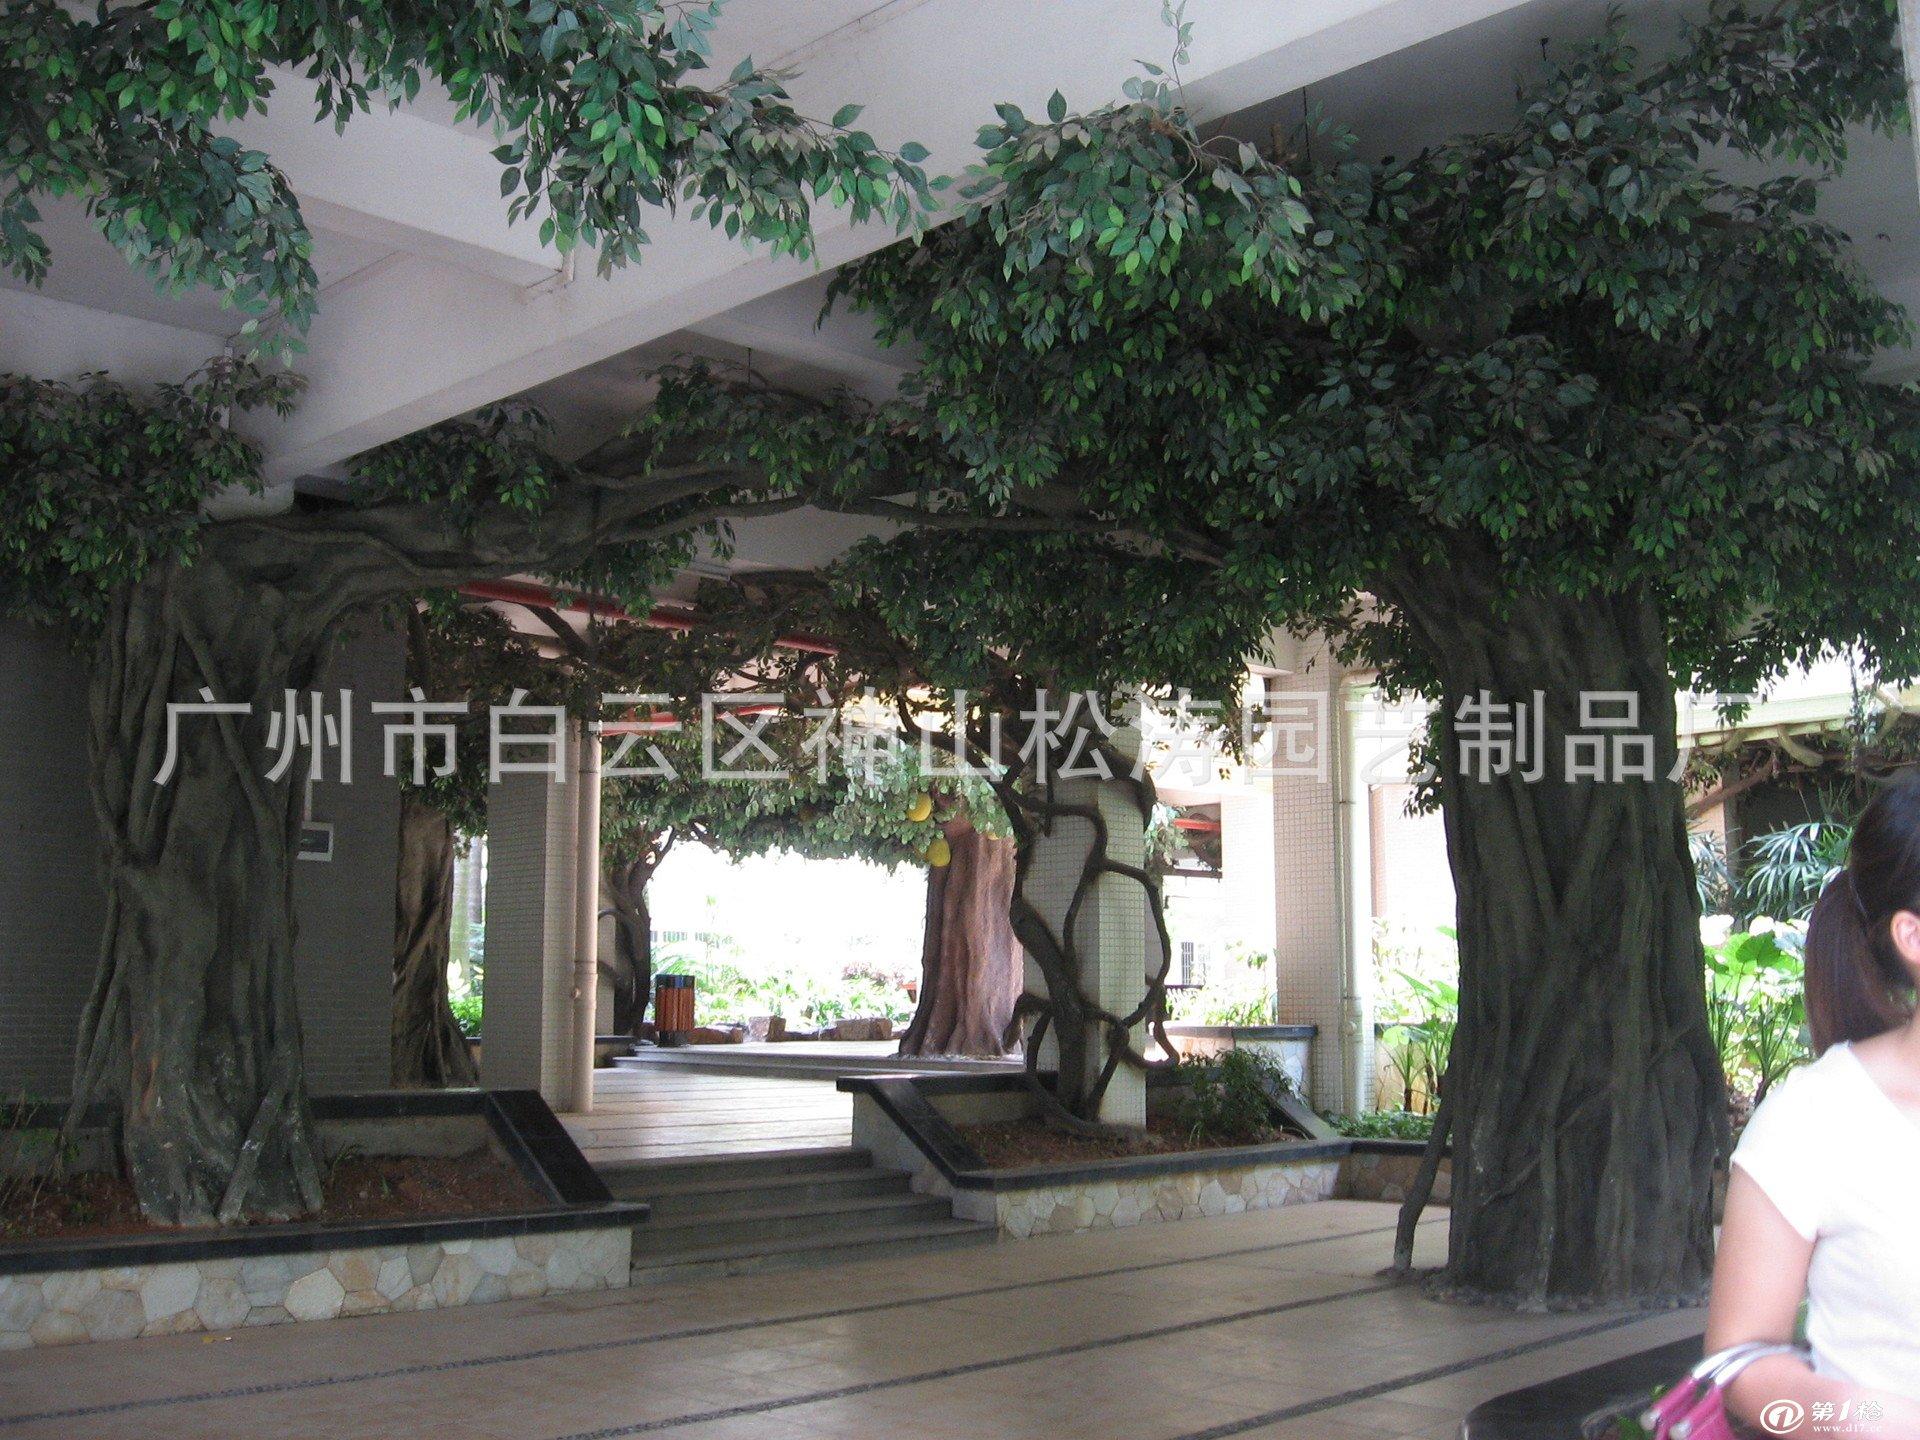 生产供应仿真大榕树 玻璃钢包柱树 仿真植物 室内装修